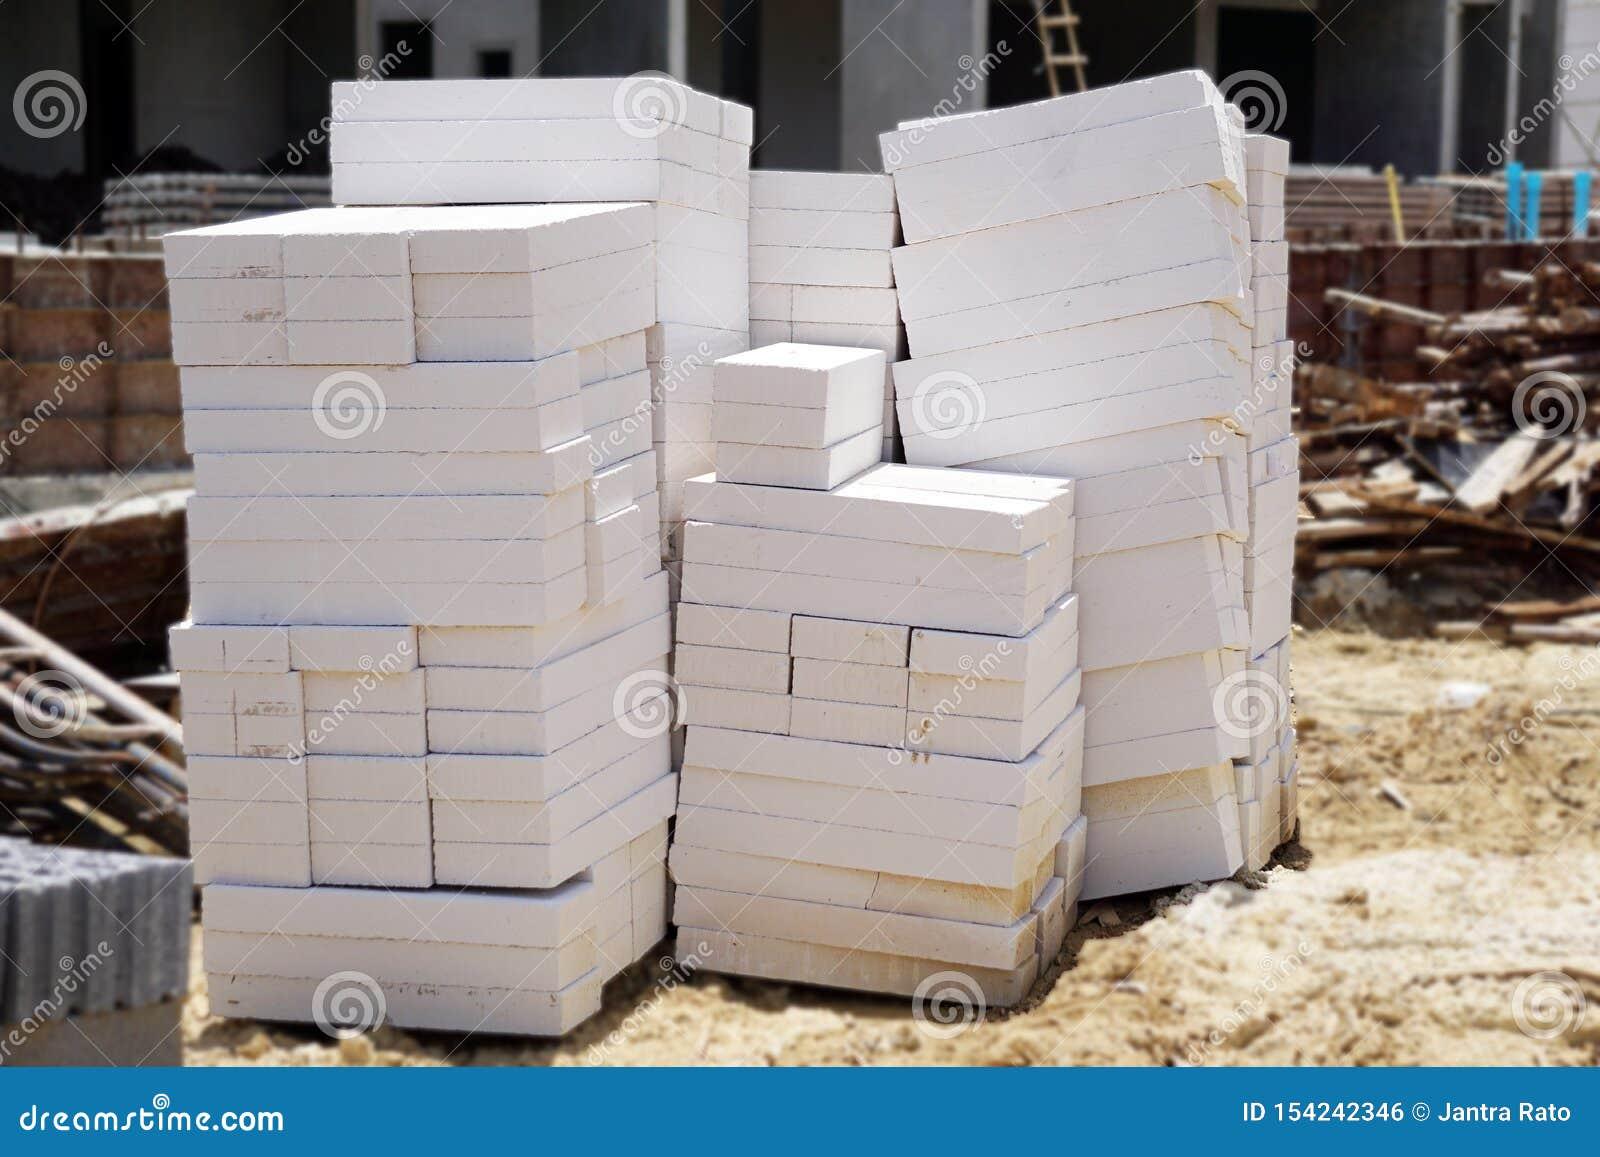 Blocs de ciment placés au sol